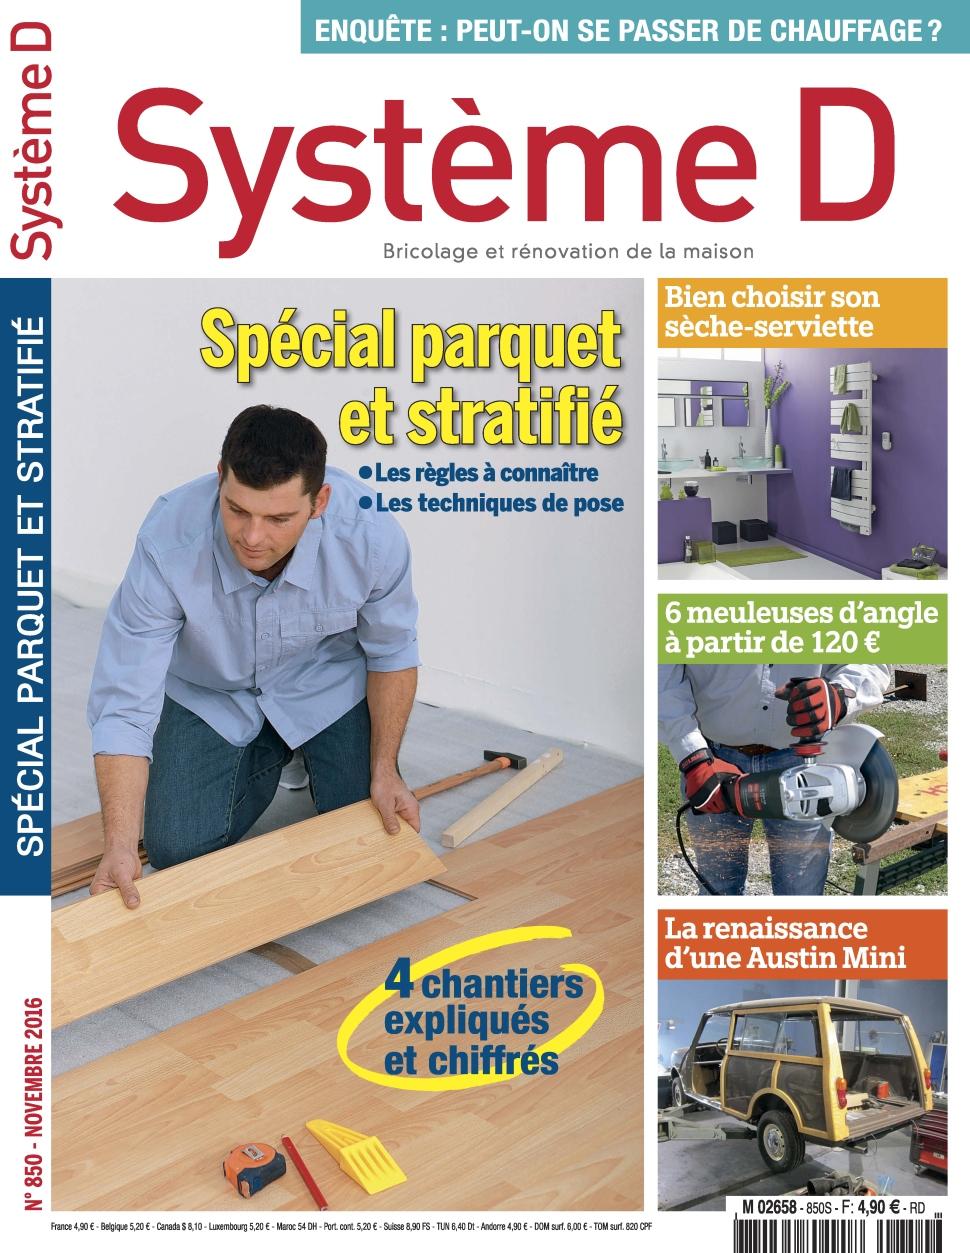 Systeme D 850 - Novembre 2016